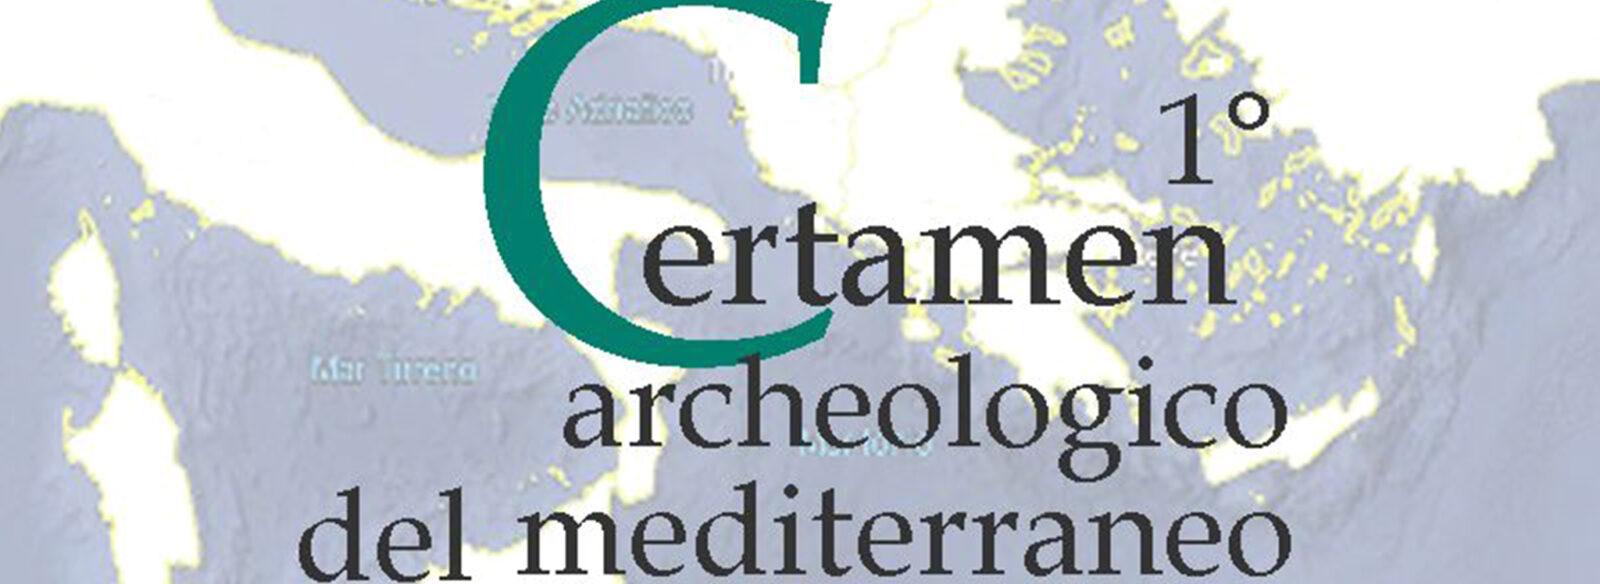 1° Certamen Archeologico del Mediterraneo